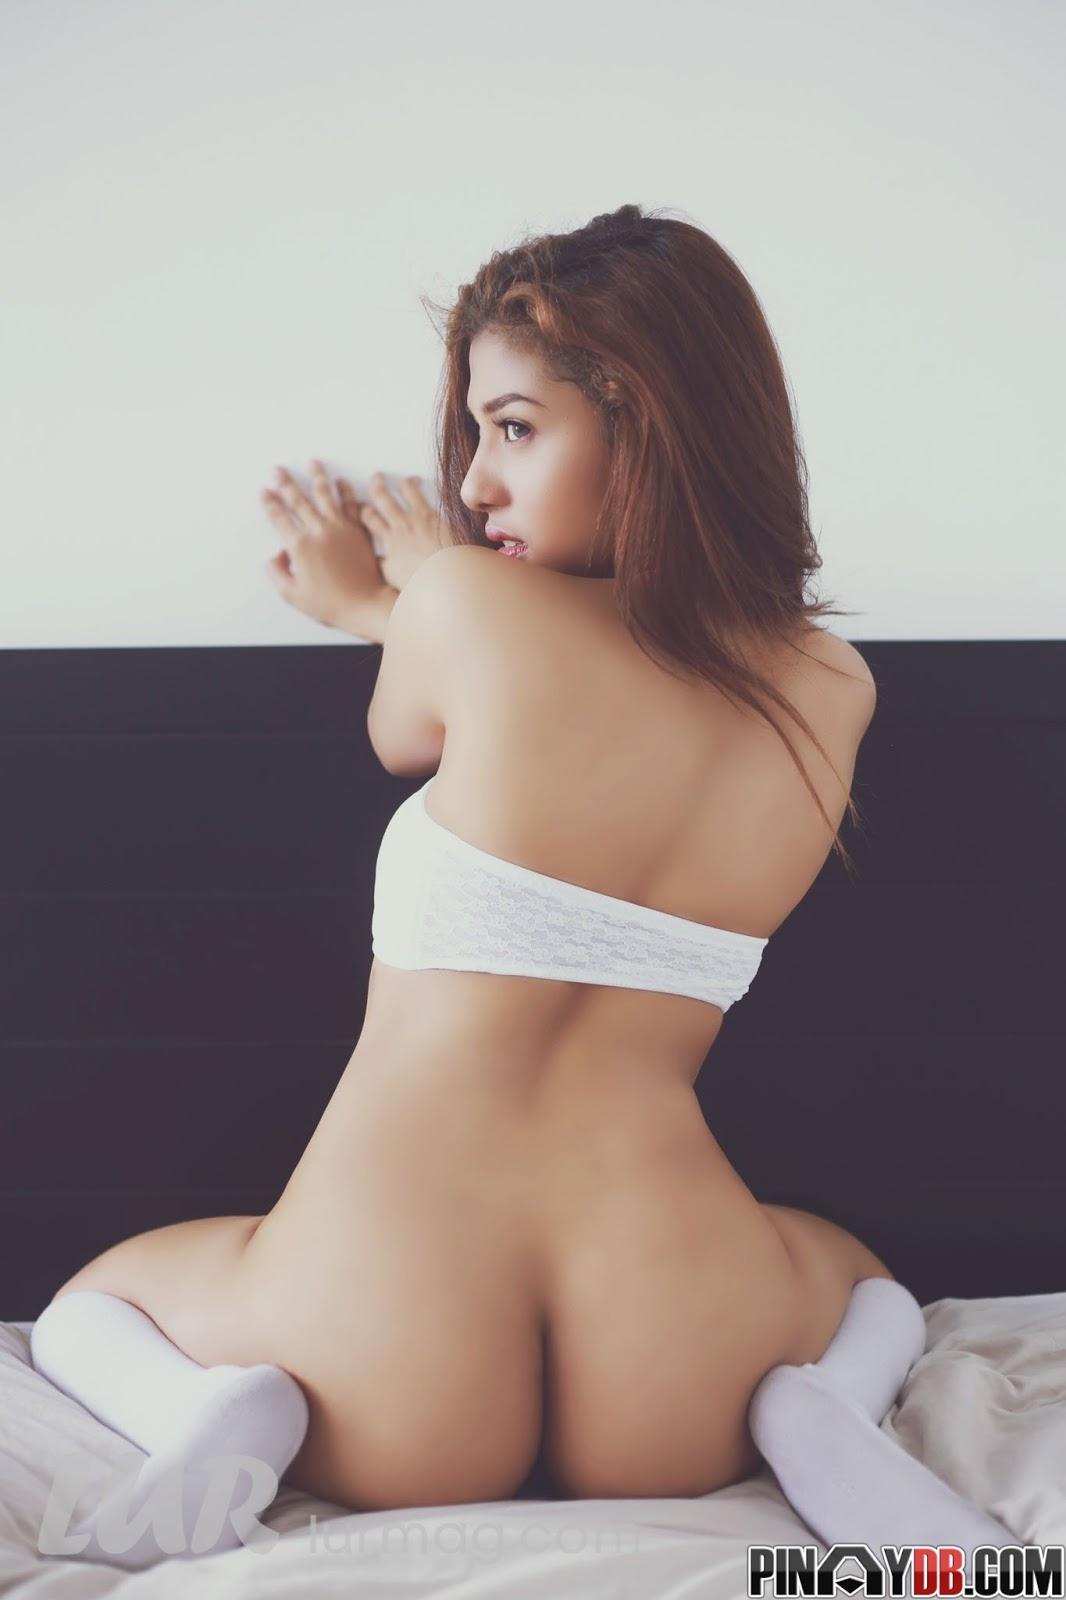 maricon escosis sexy naked pics 05